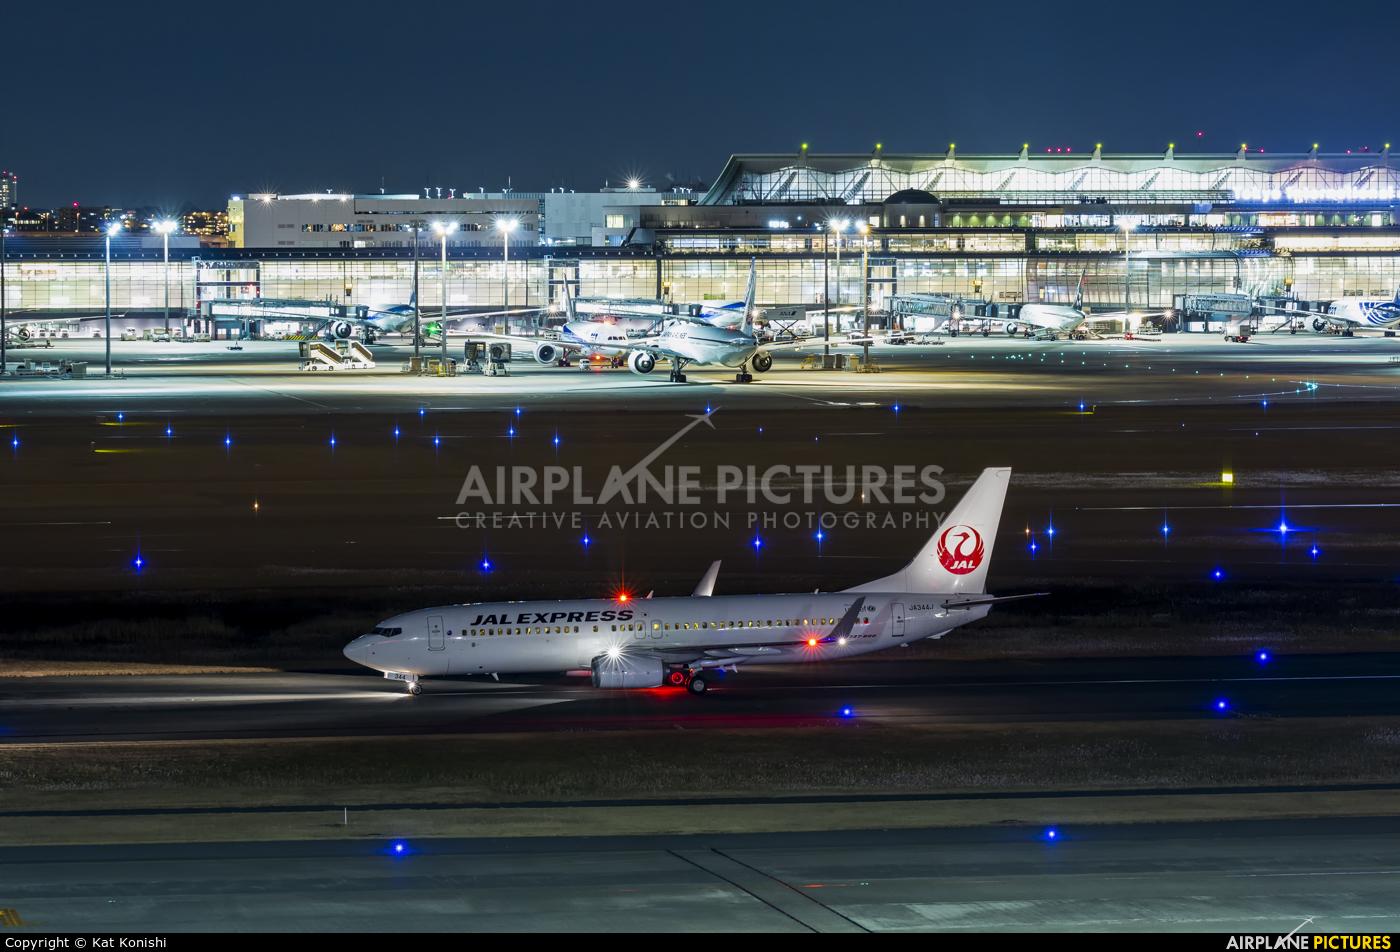 JAL - Express JA344J aircraft at Tokyo - Haneda Intl